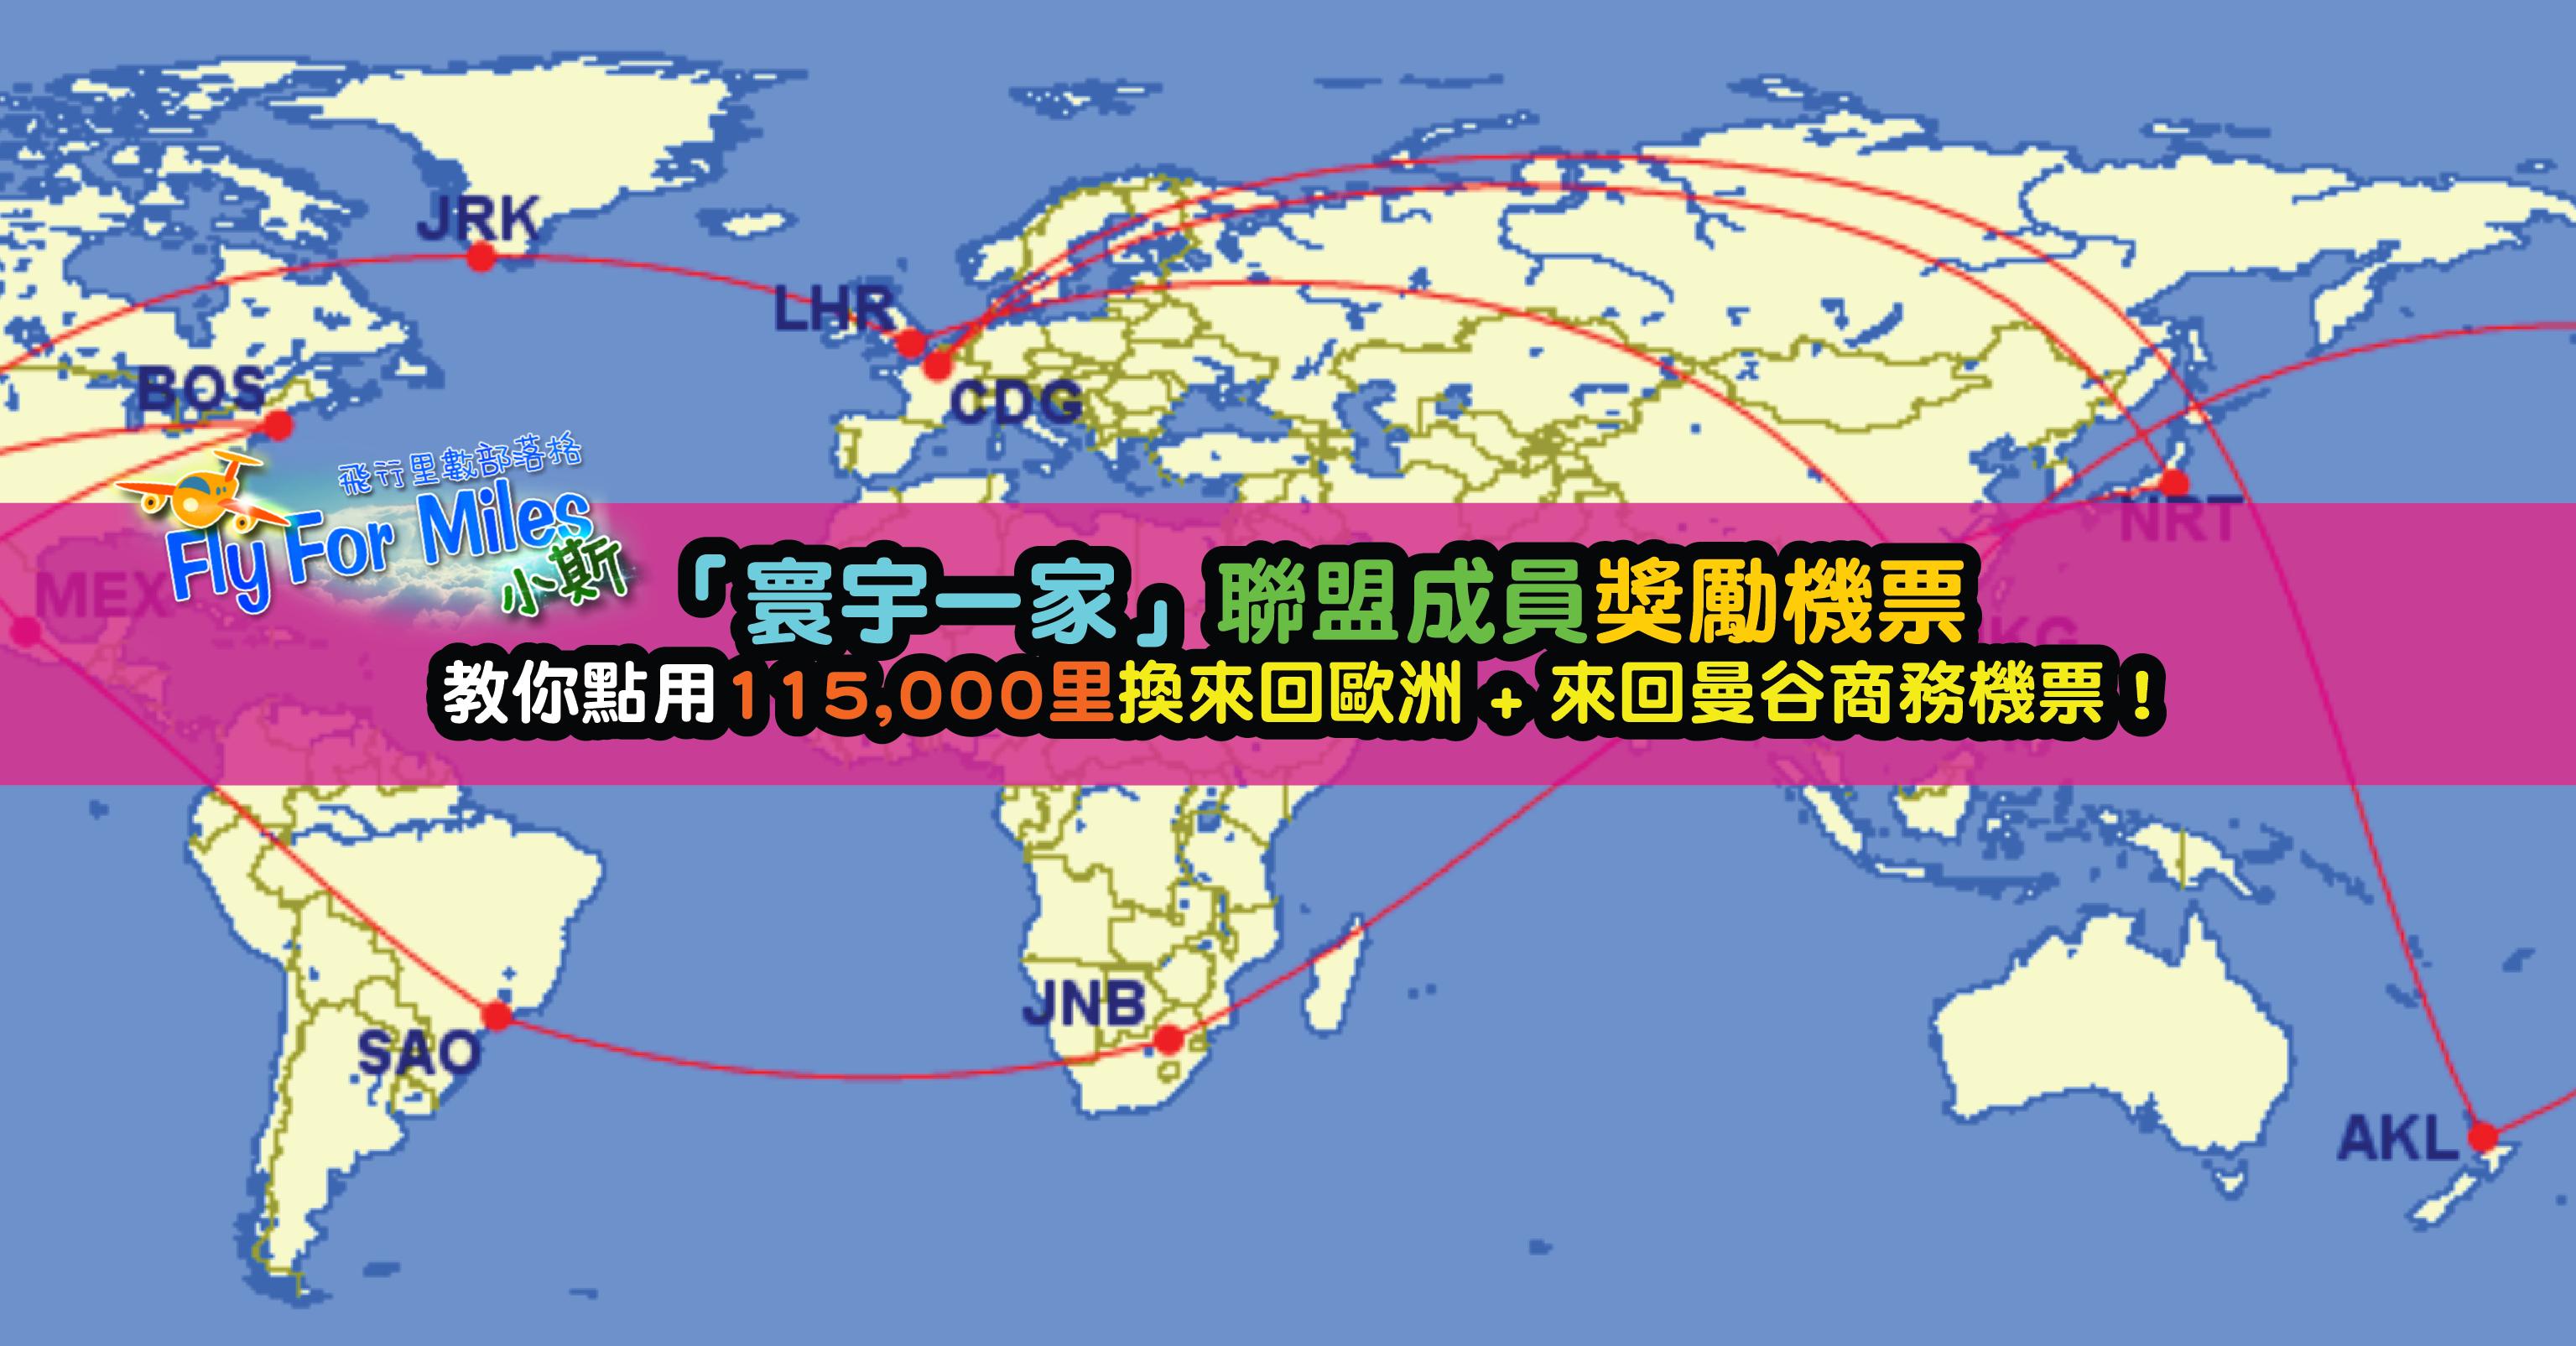 「寰宇一家」聯盟成員獎勵機票!5個停留 + 2個轉機 + 2個中斷行程!教你點用115,000里換來回歐洲 + 來回曼谷商務機票!